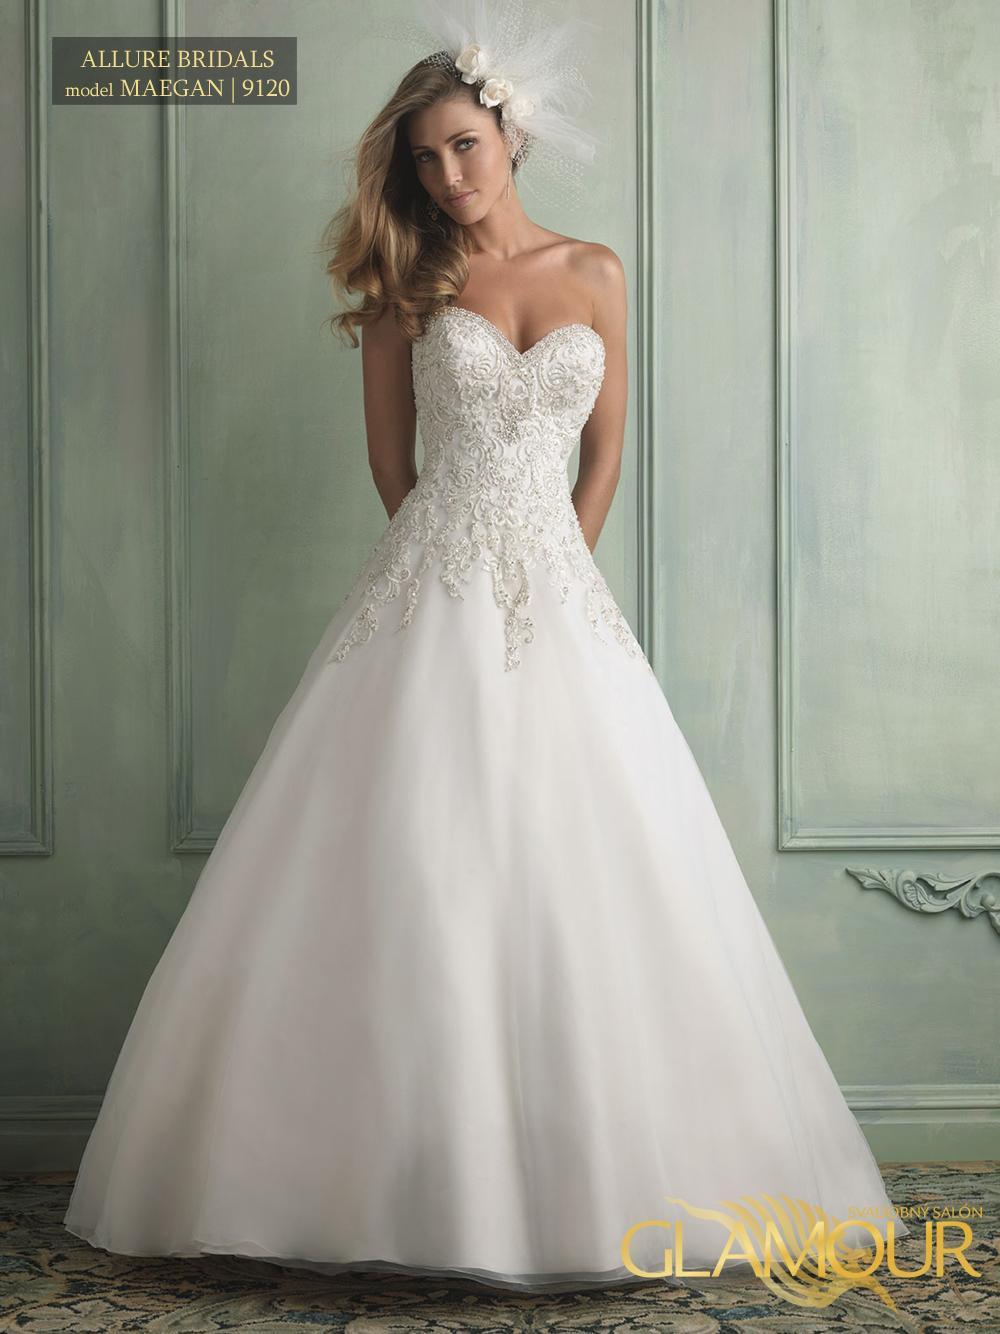 Nova kolekcia Allure Bridals 2014 - Allure Bridals model Maegan